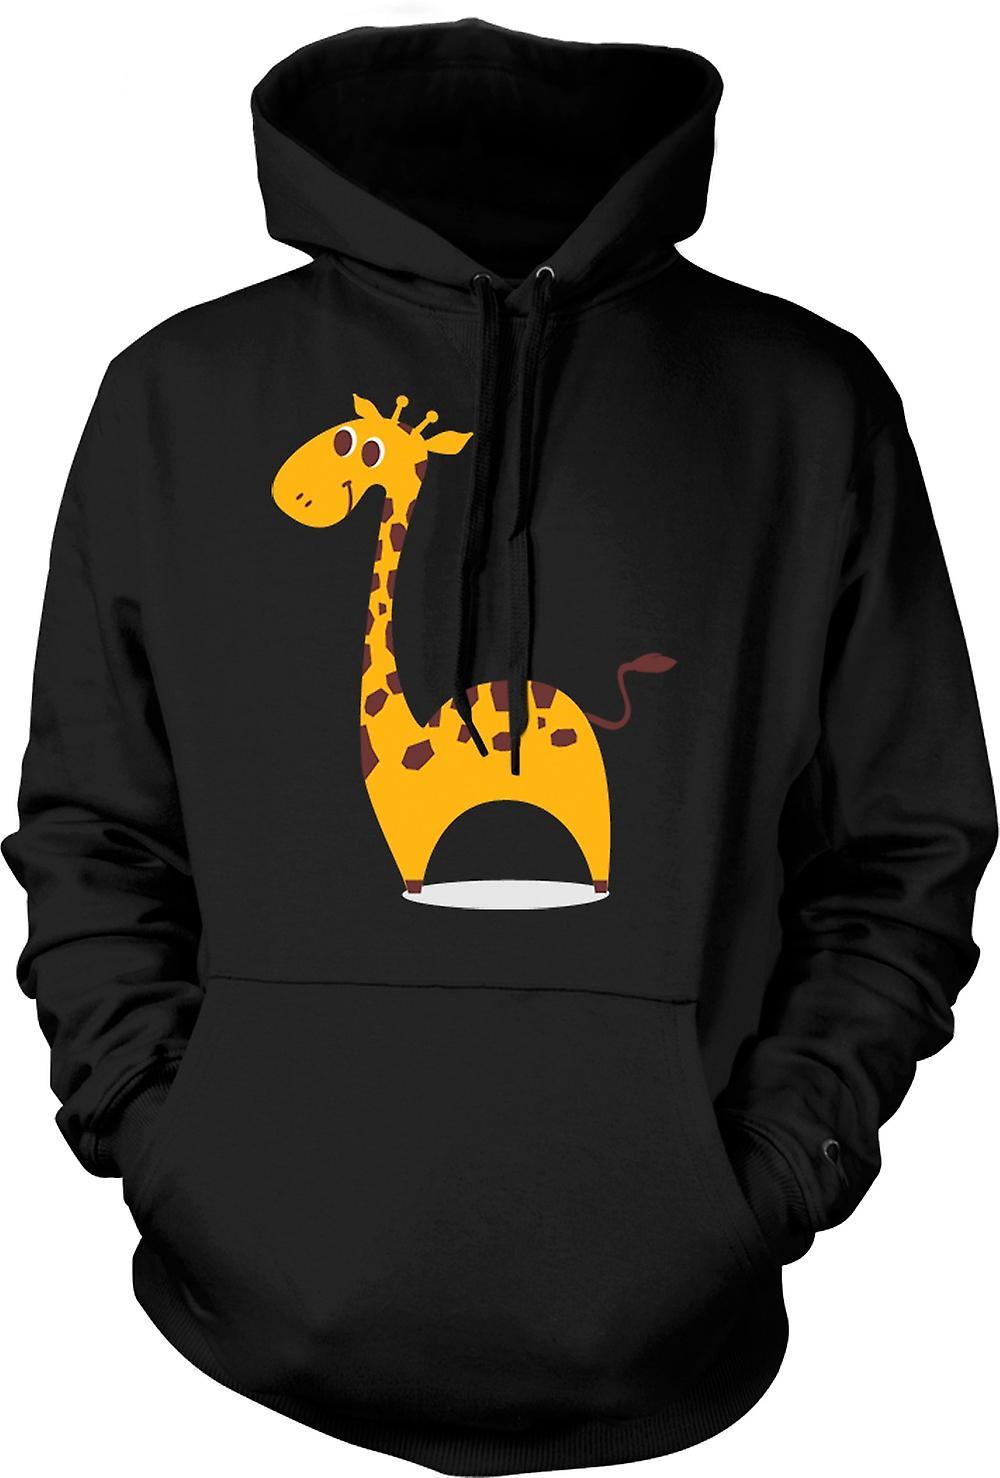 Mens Hoodie - I Love Giraffes - Cute Animal